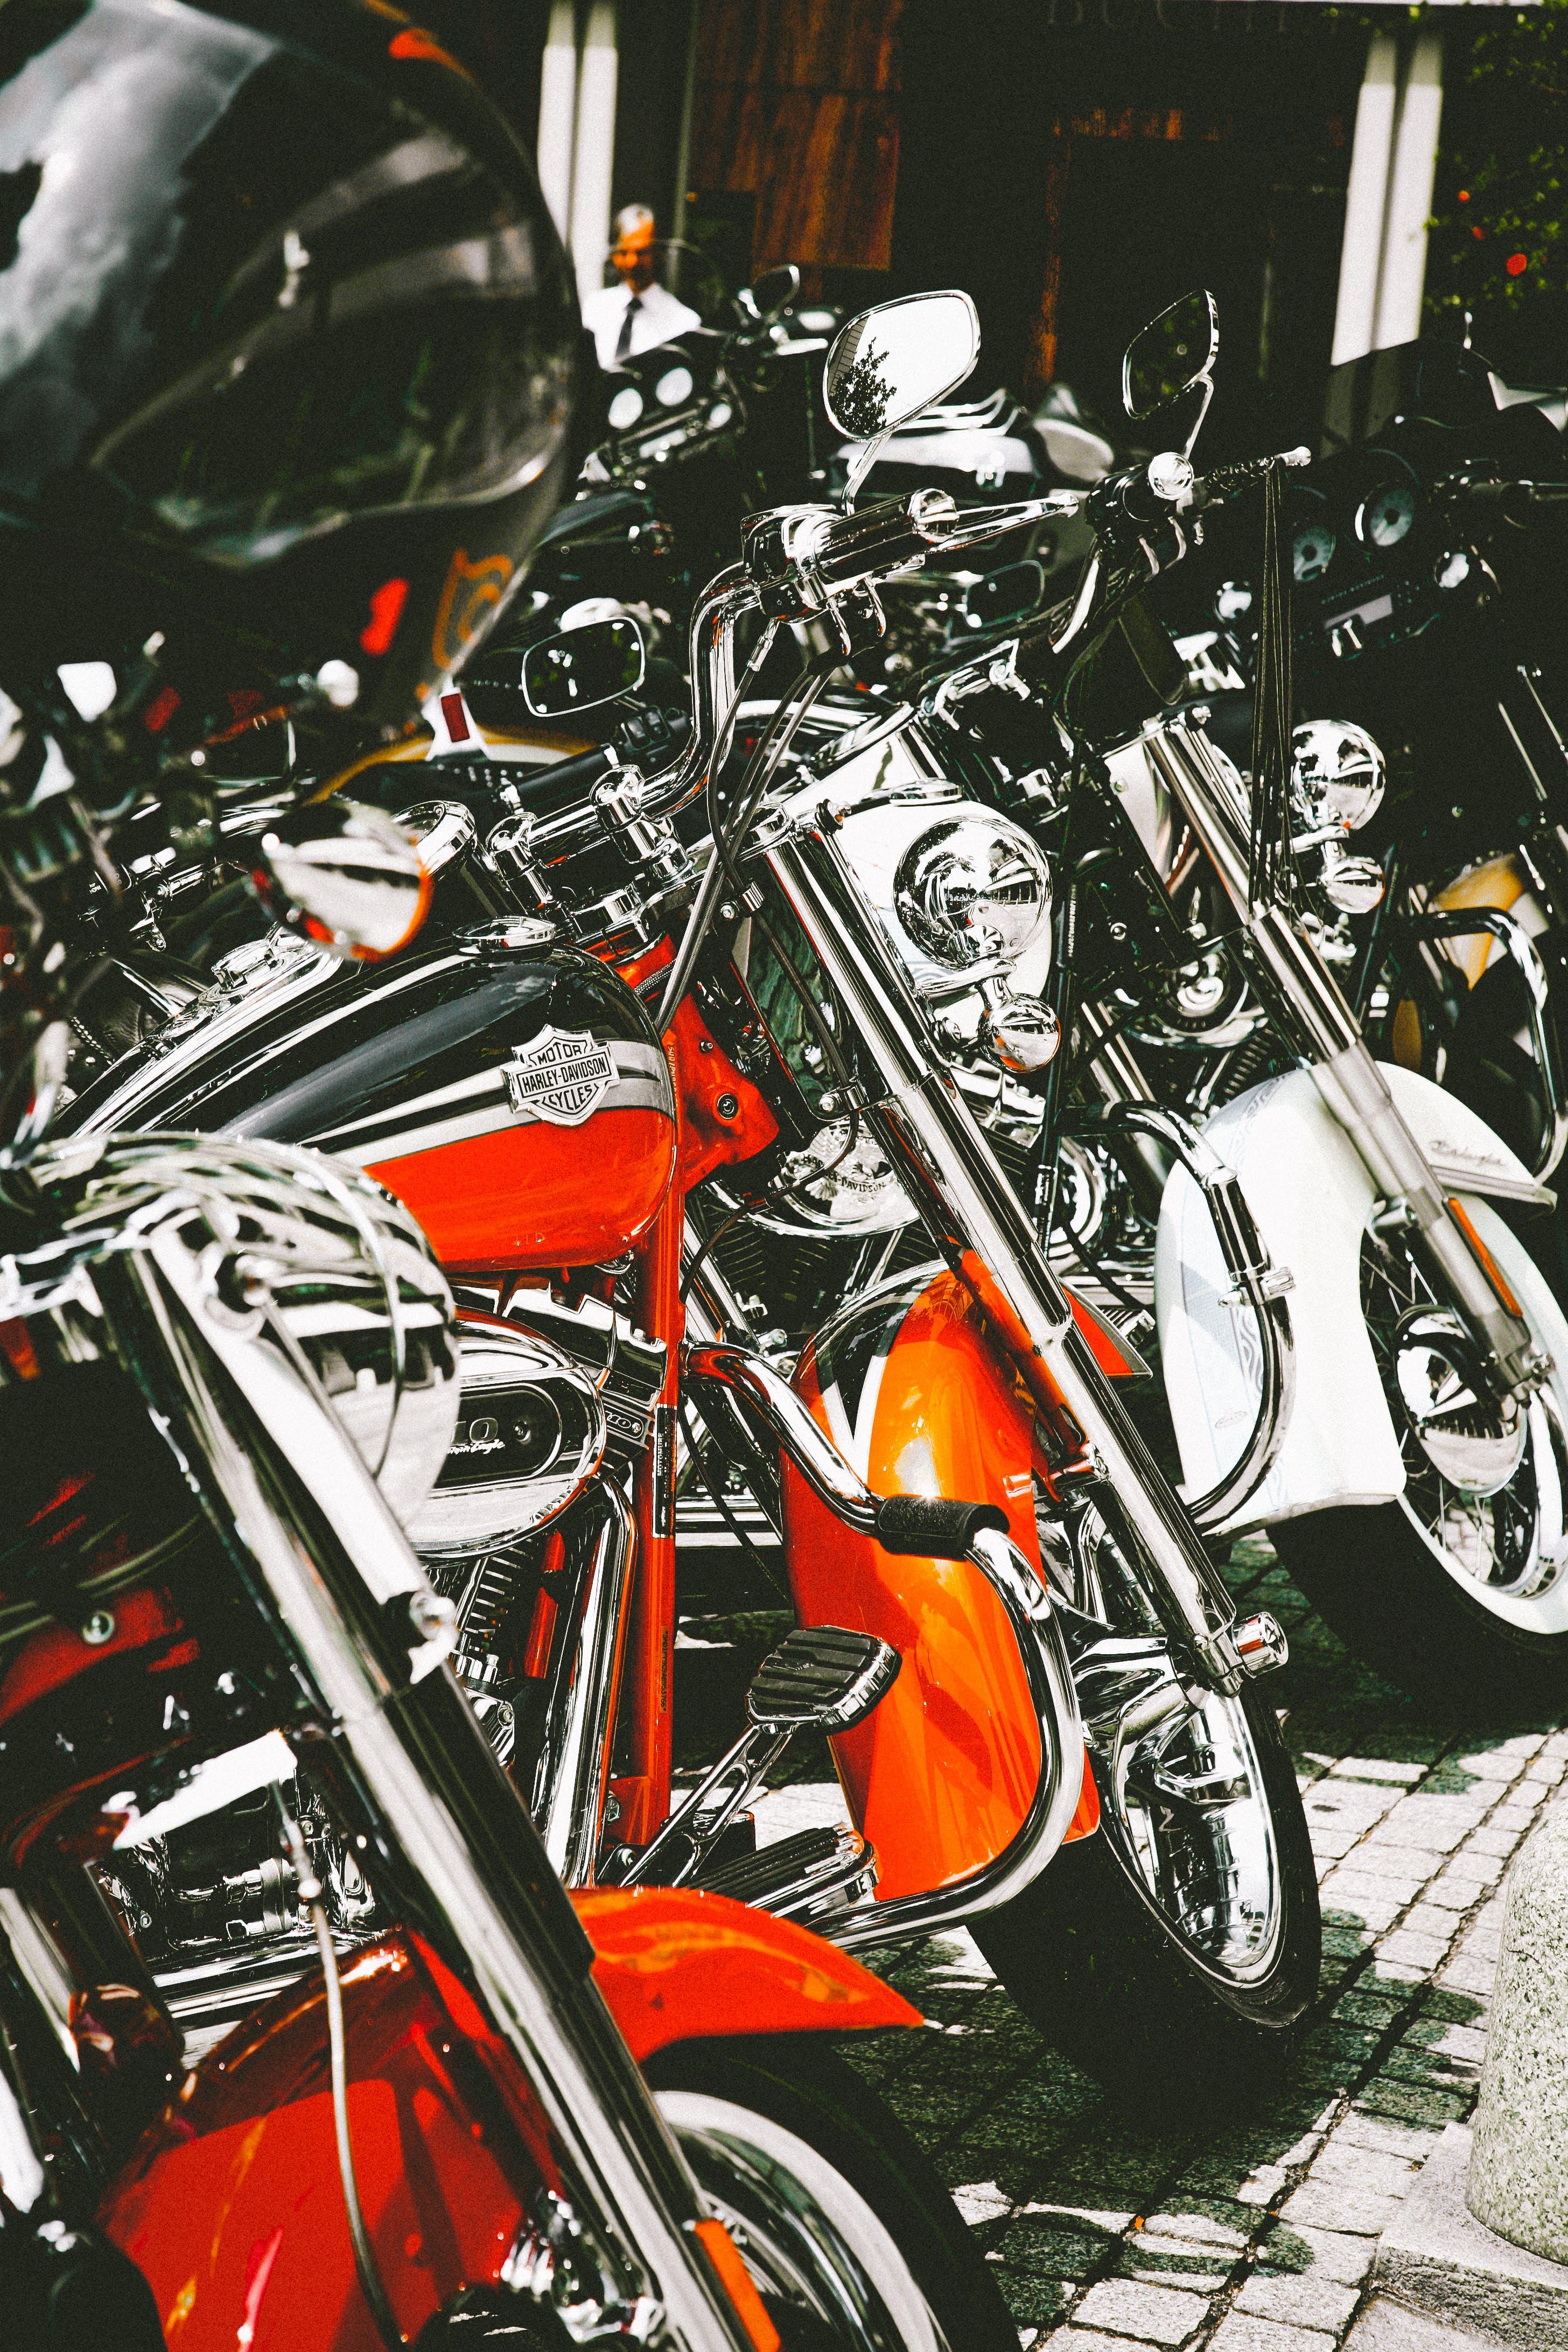 Kostenloses Stock Foto zu fahrräder, fahrzeuge, motorräder, reiten